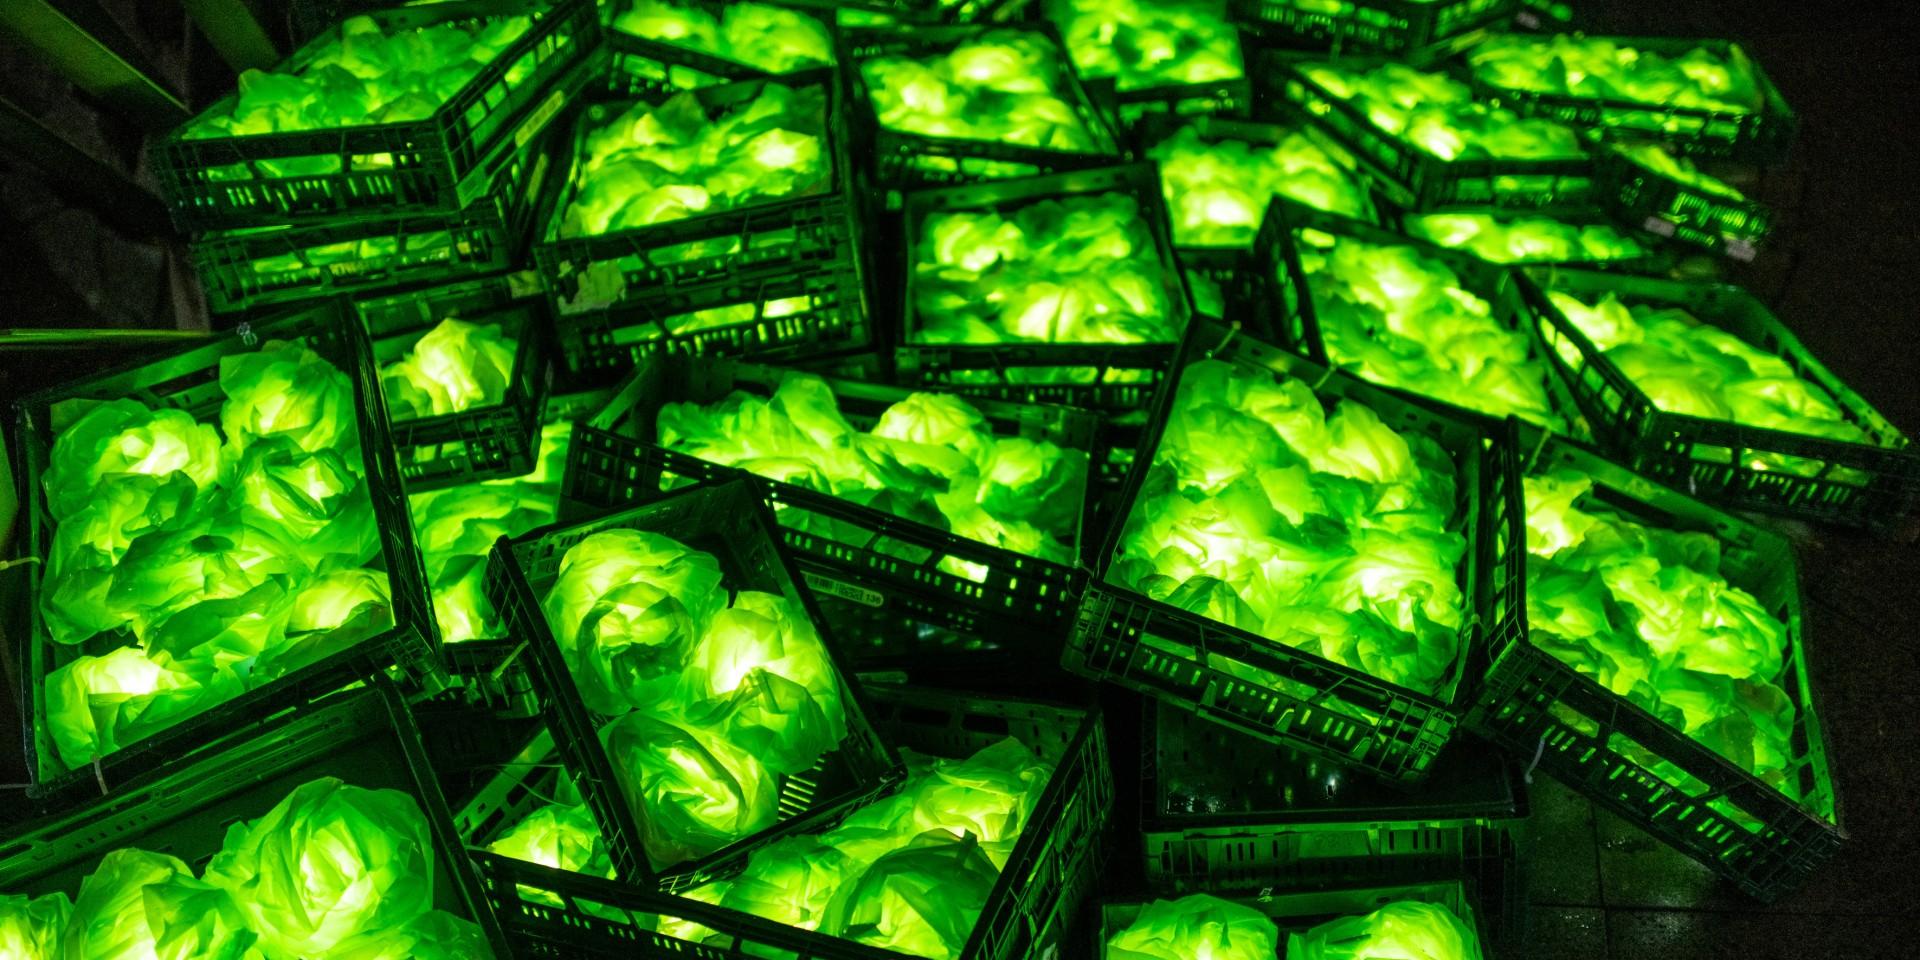 #5 Green Marvelous Opulence